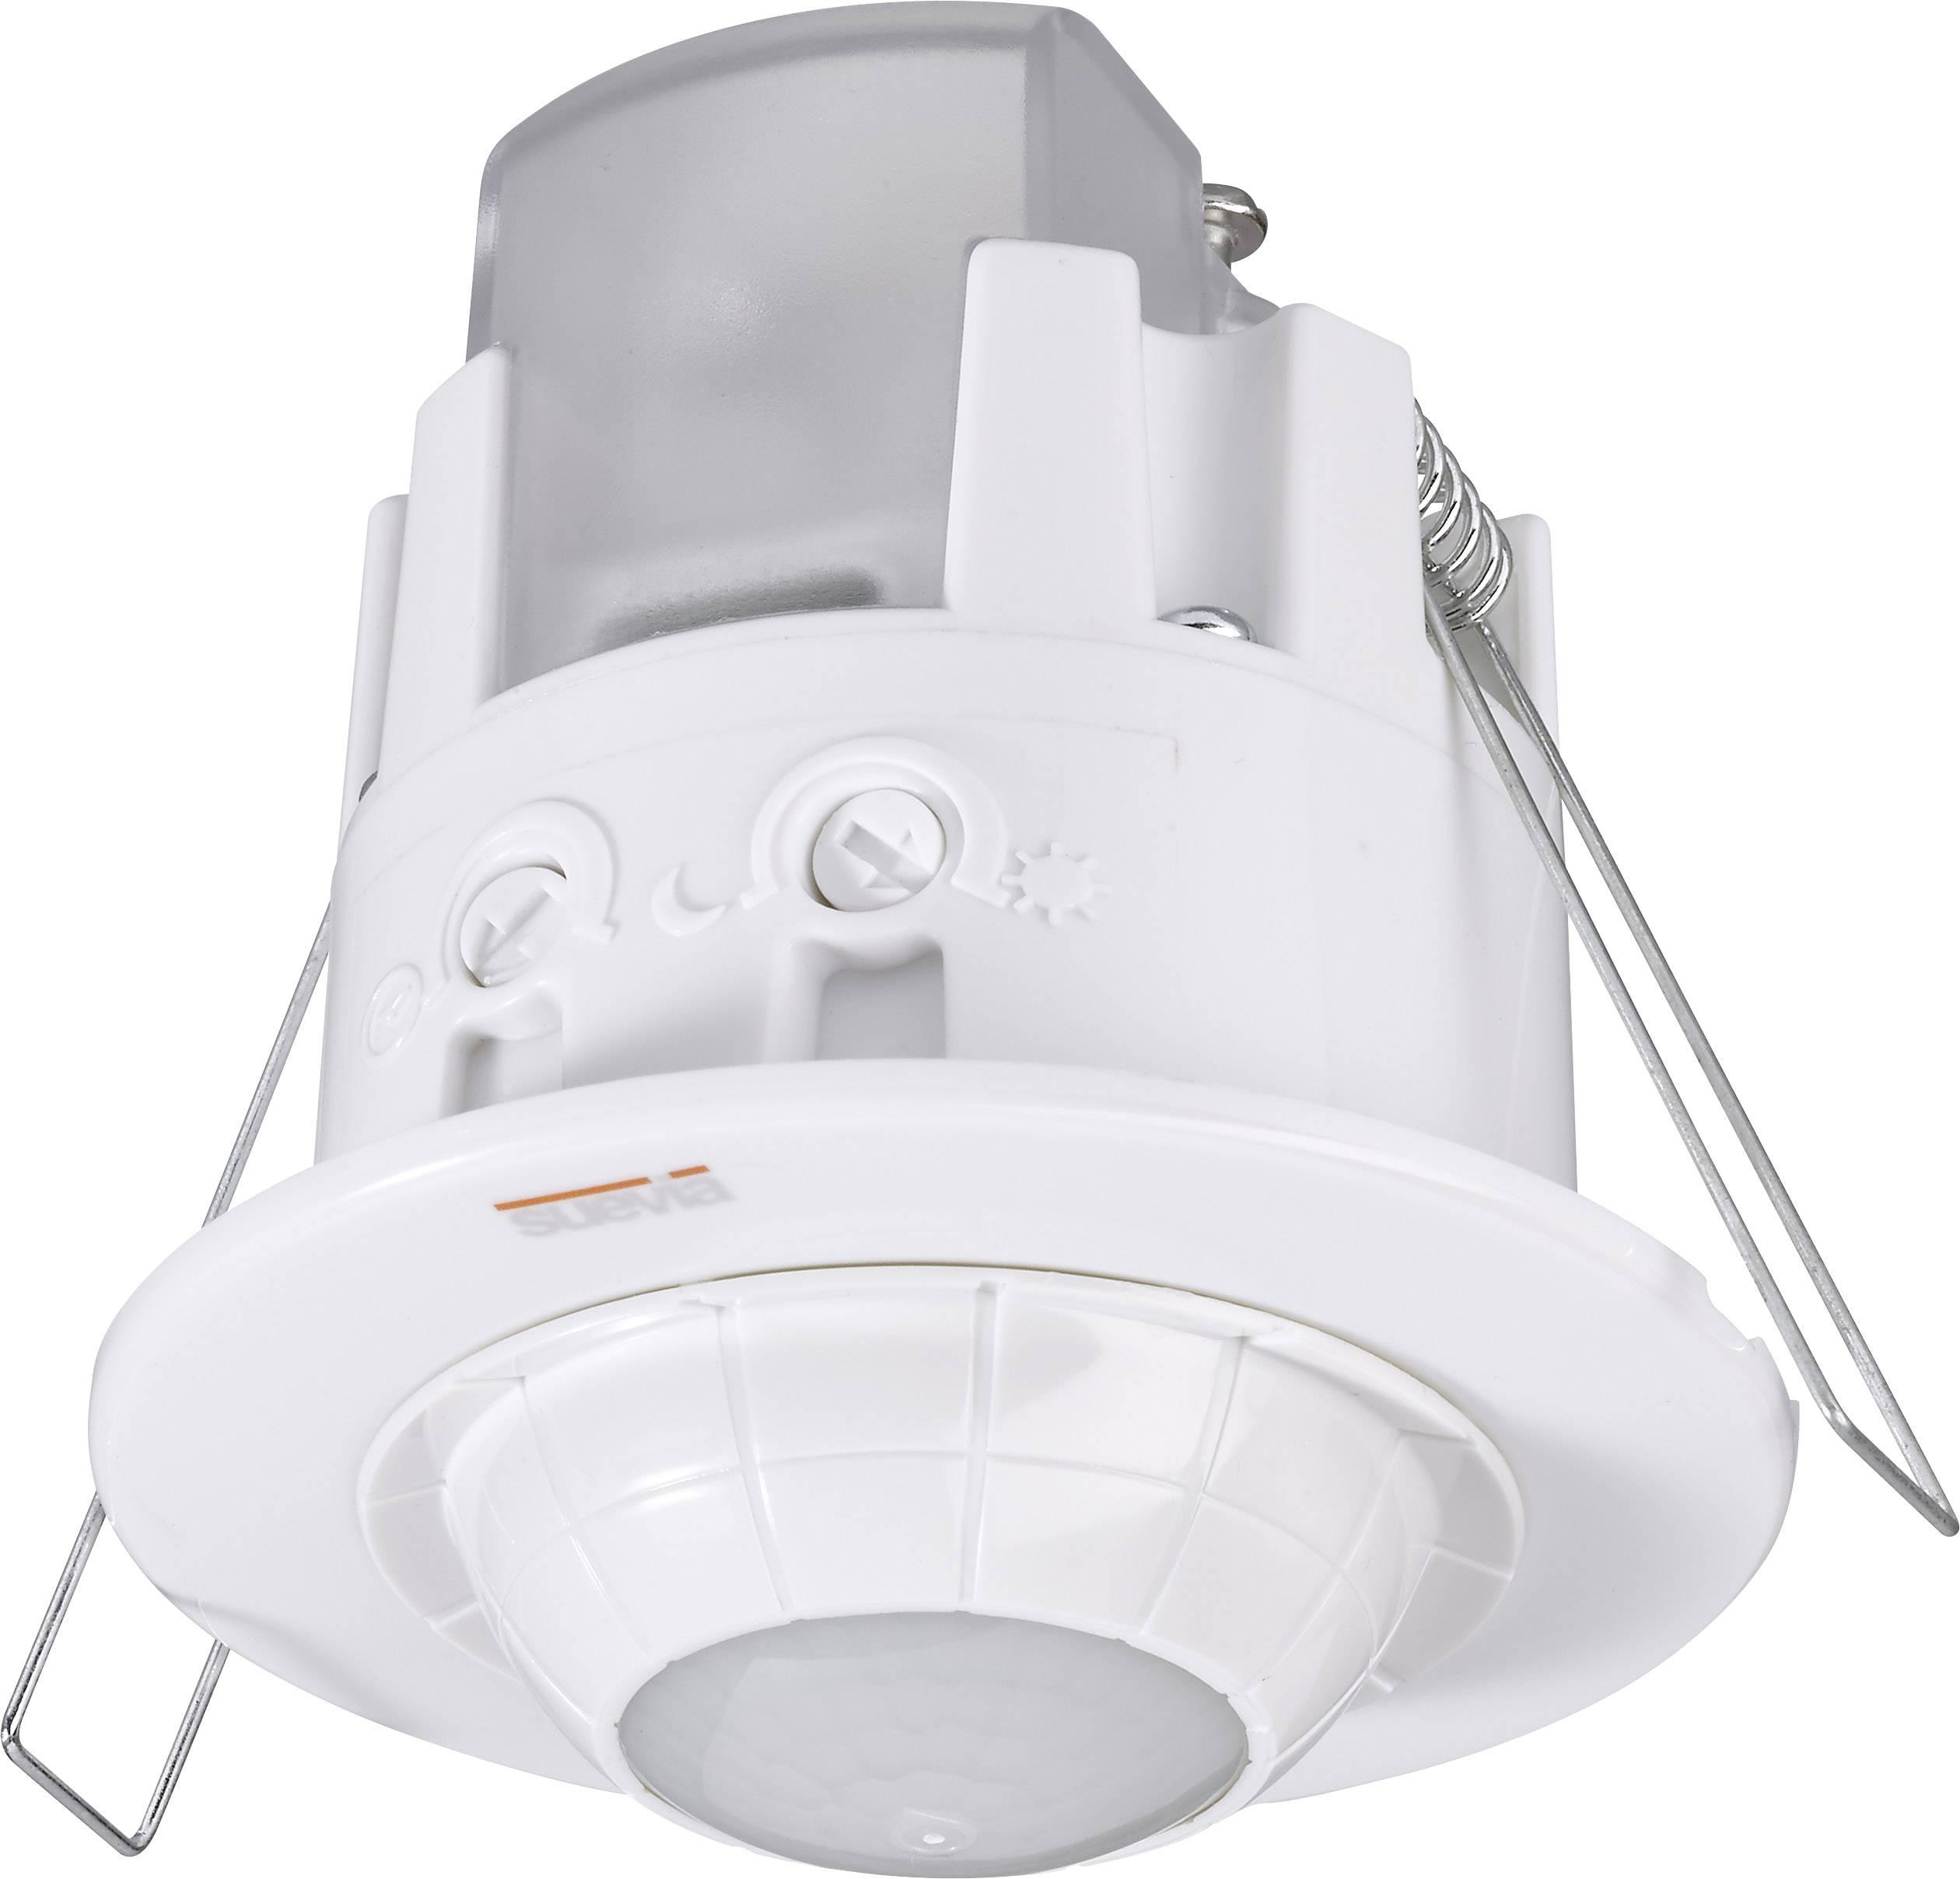 Senzor pohybu Suevia SU136012, 360 °, biela, IP20